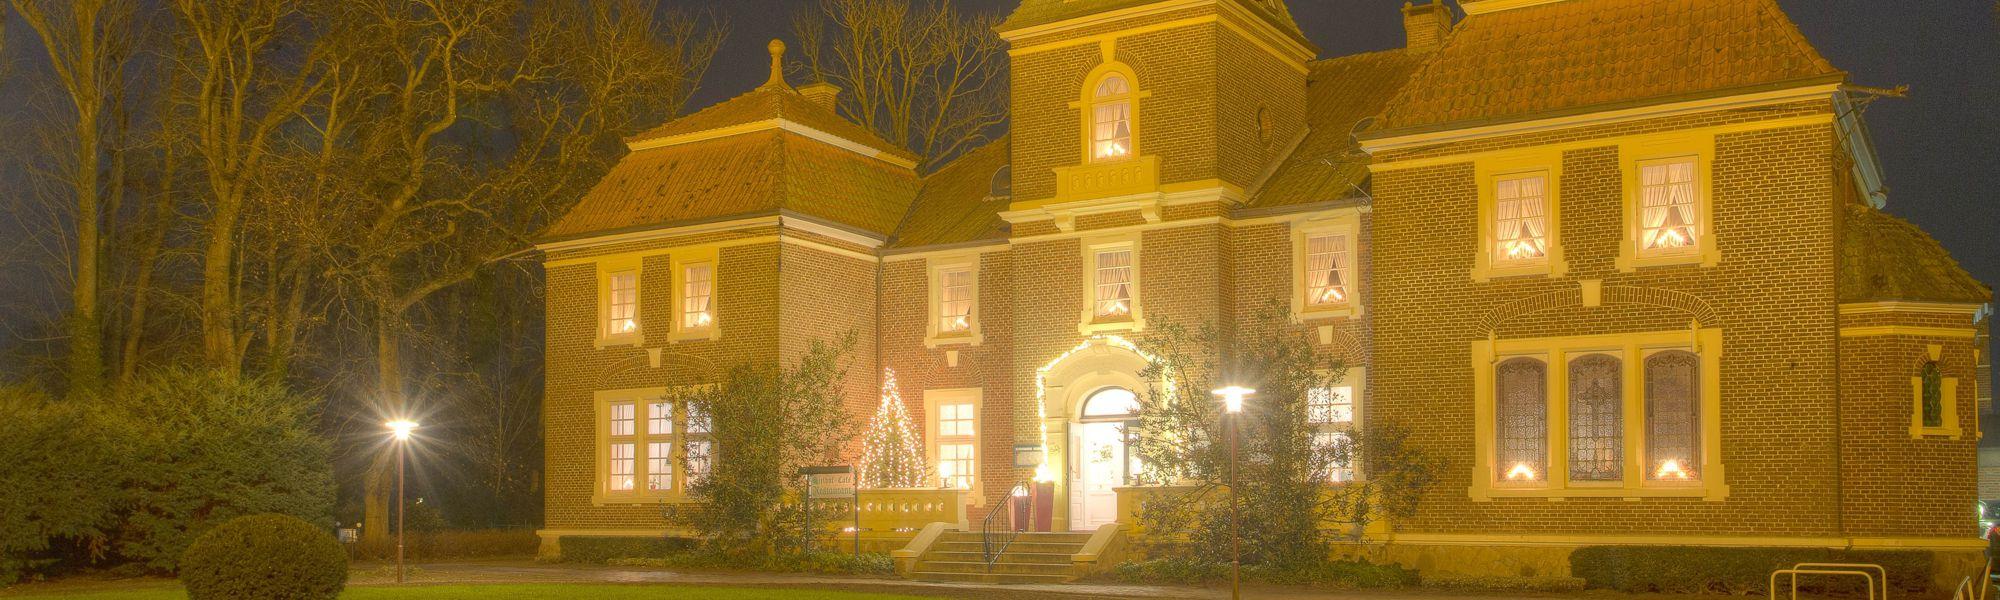 Weihnachtszauber in Neuharlingersiel - Geschichten bei Kerzenschein und Glühwein